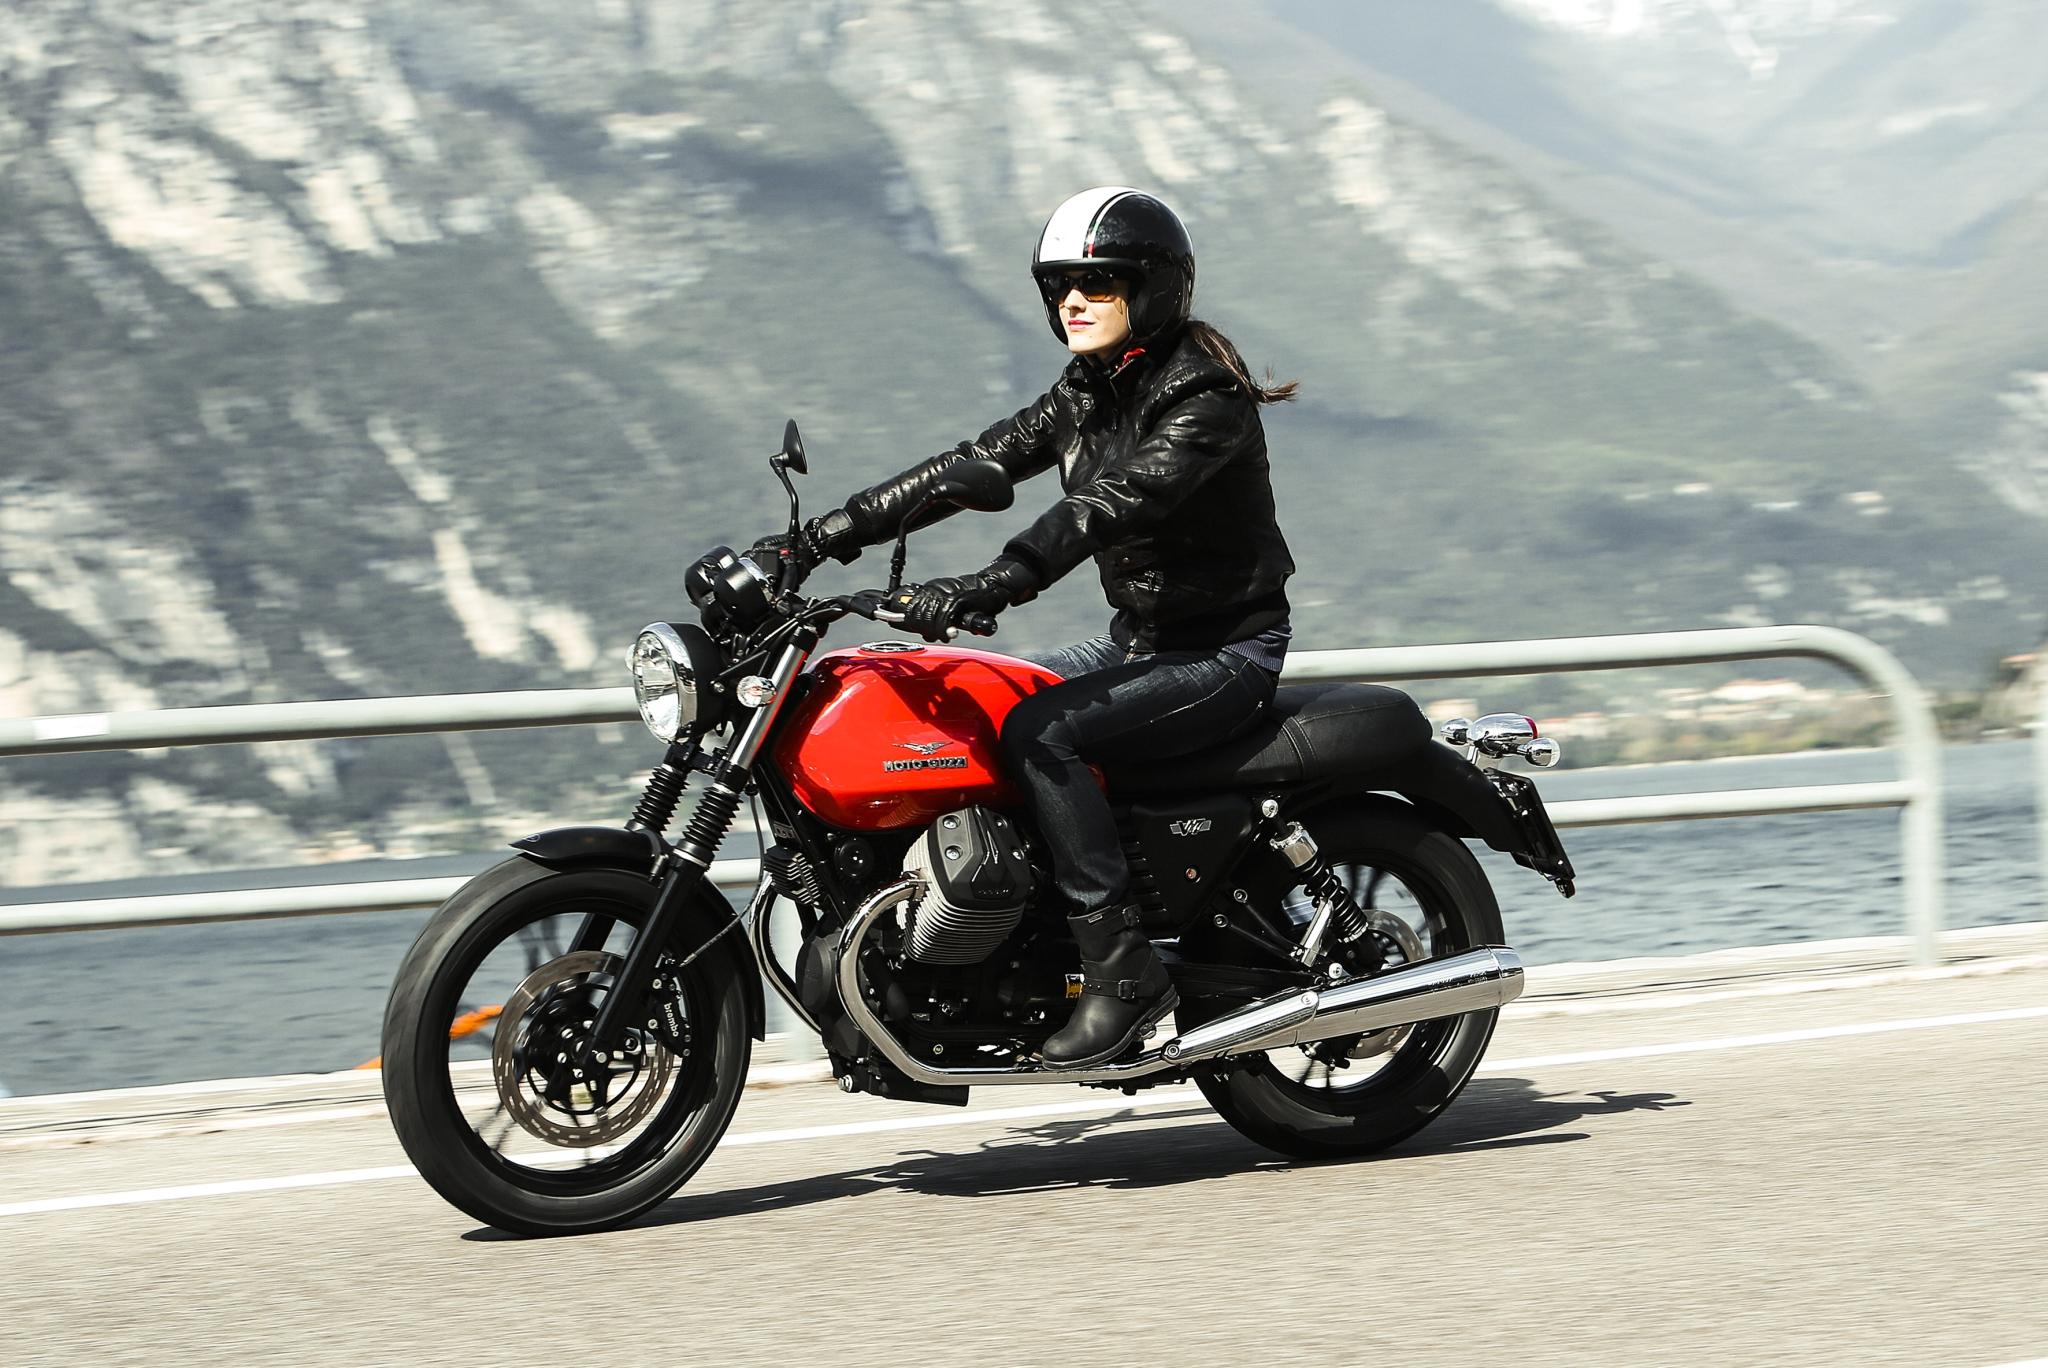 Hi-Res Photos of the new Moto Guzzi V7 Bikes Released - autoevolution